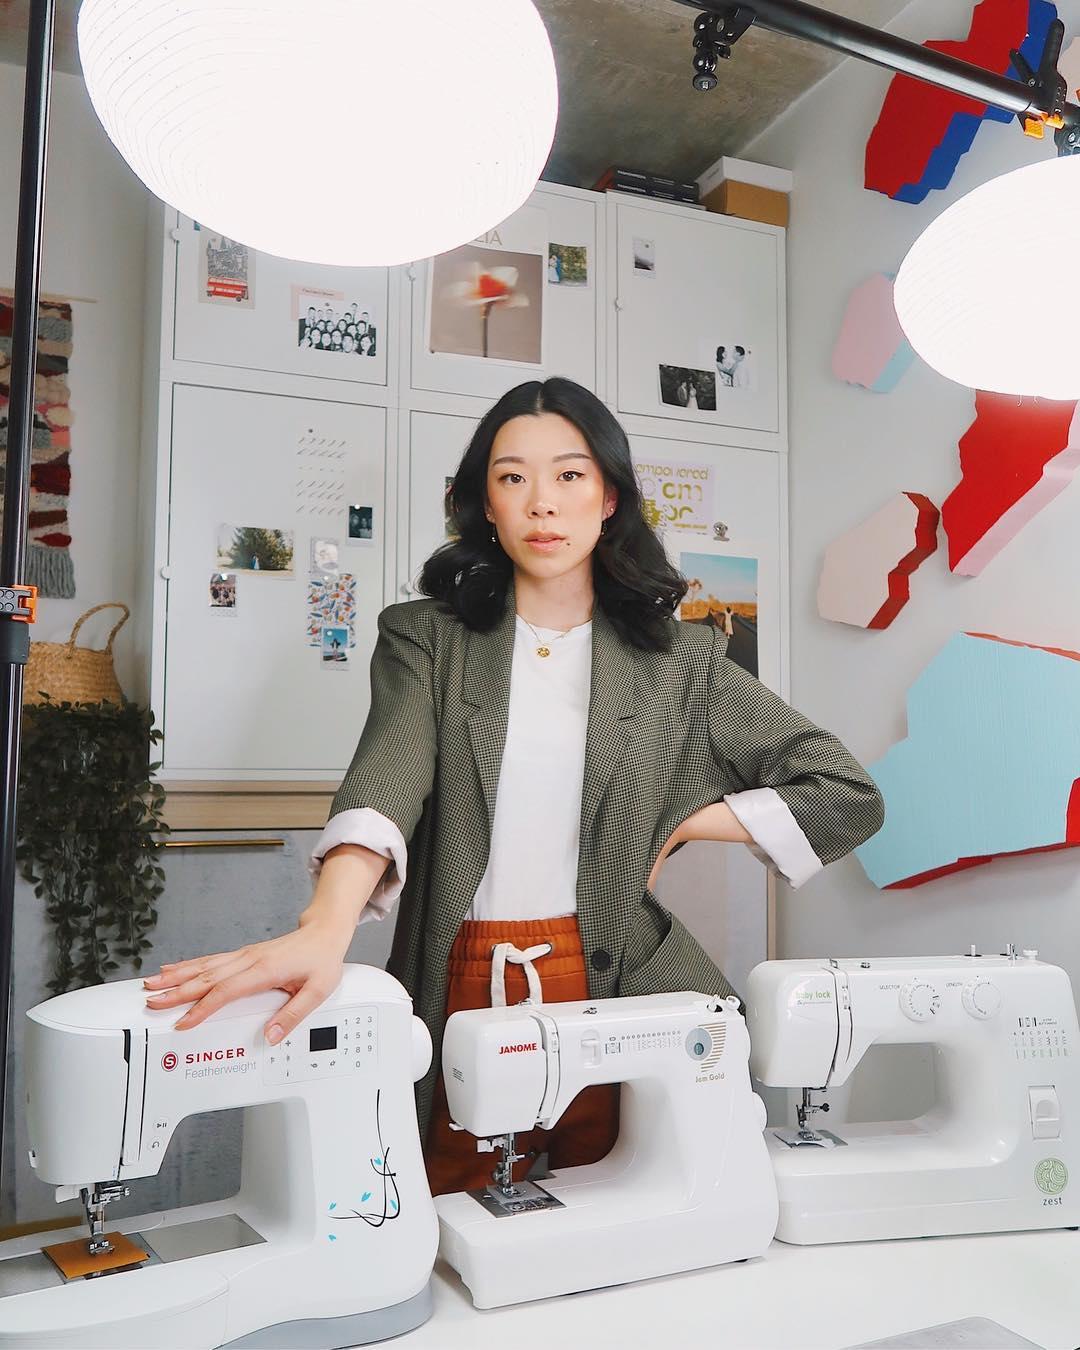 fashion hobbies if you want to start DIY-ing